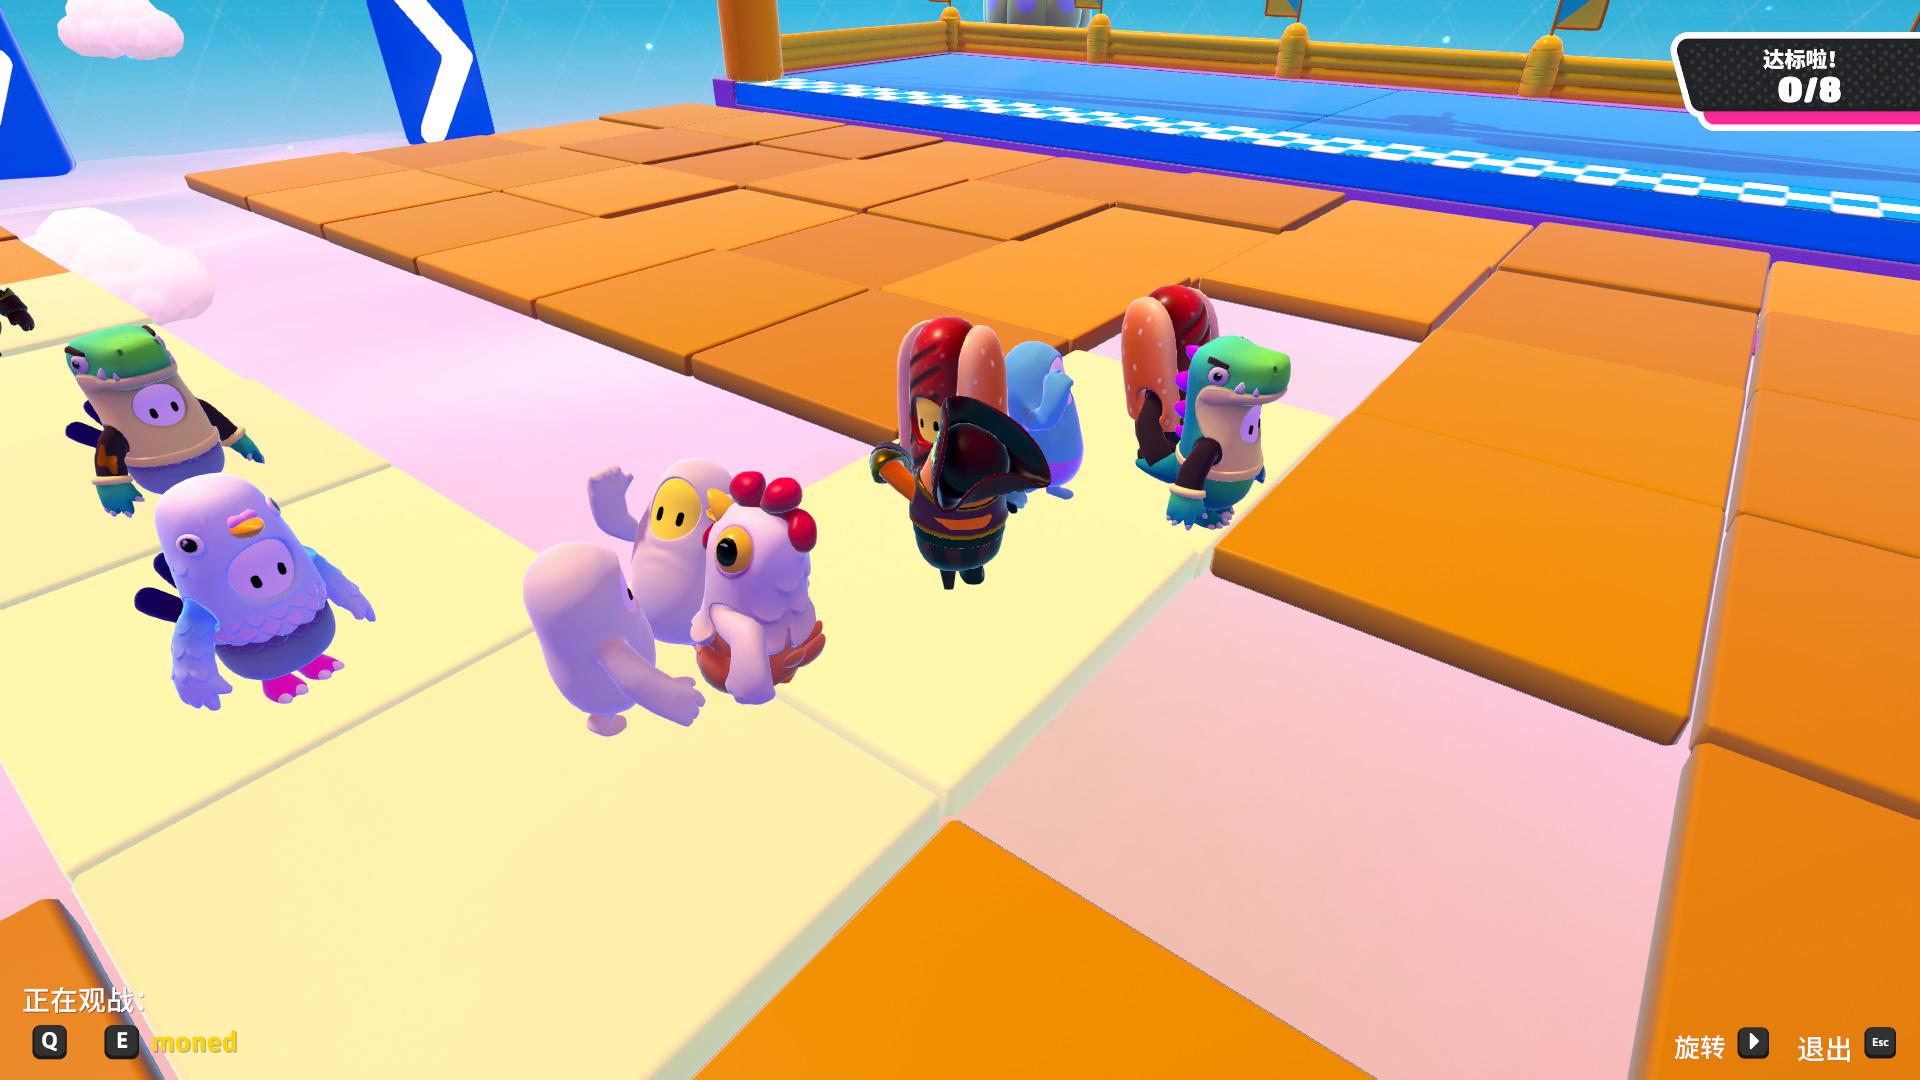 游戏中的博弈论 《糖豆人》为大逃杀展开了一条新思路 (7)